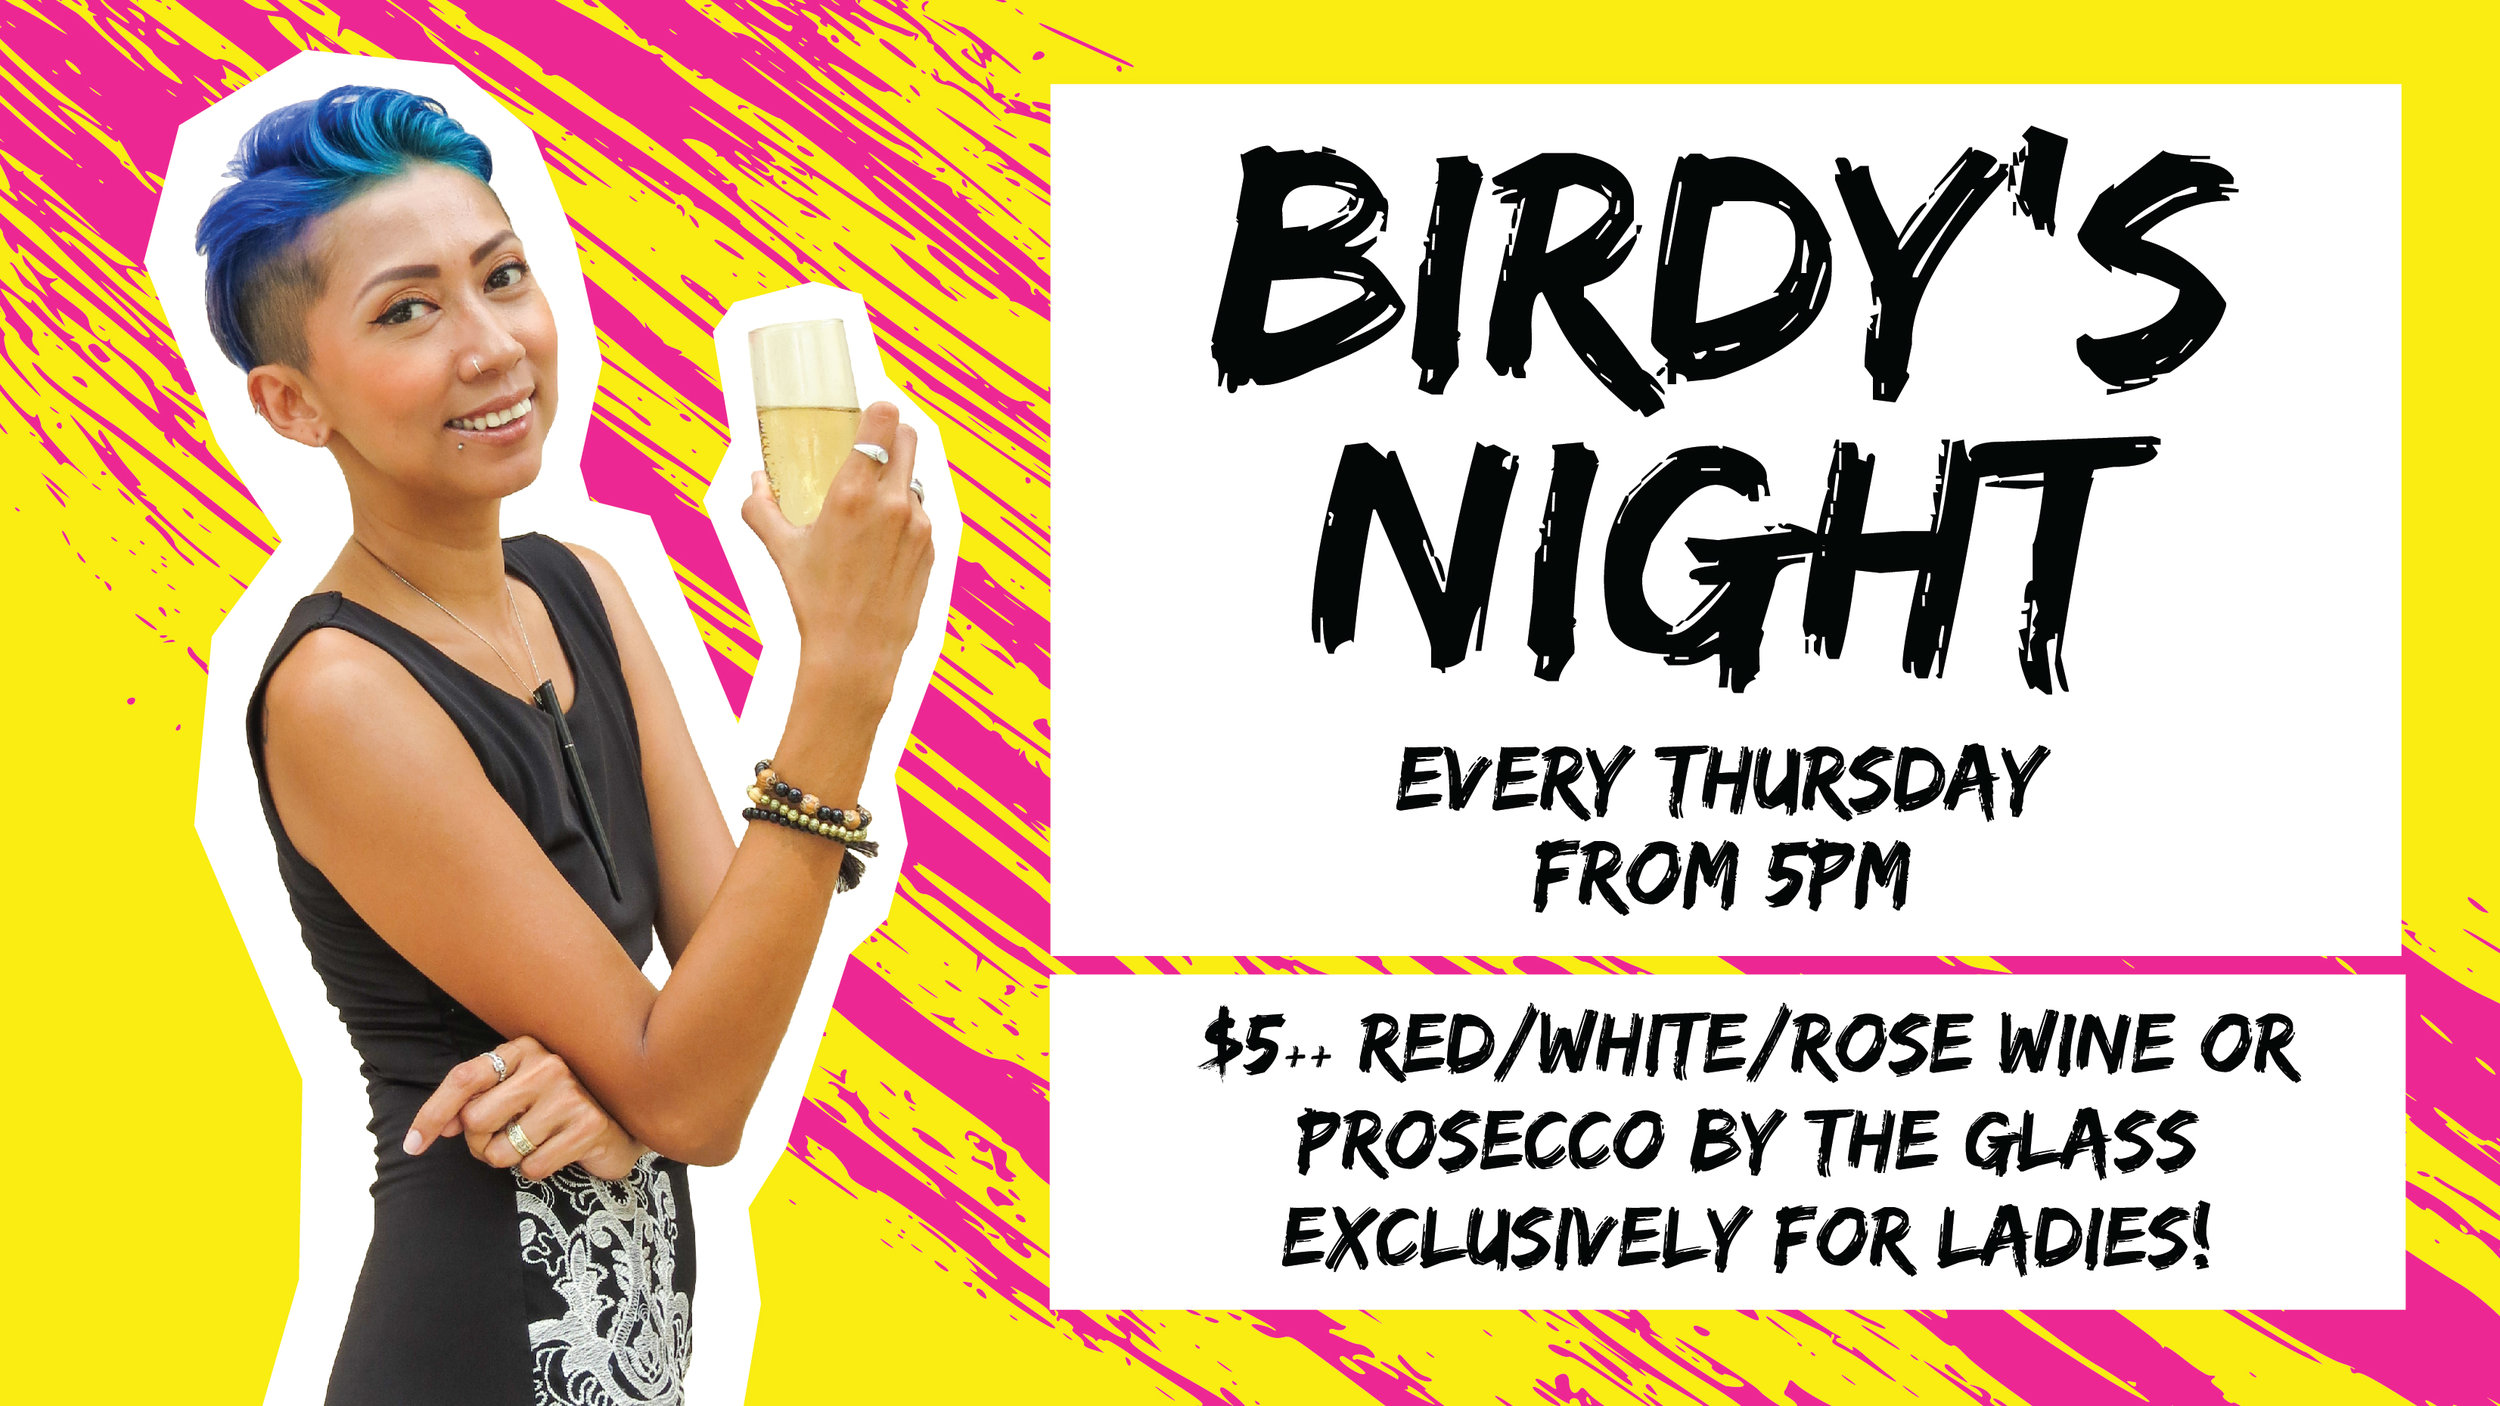 Birdy's Night